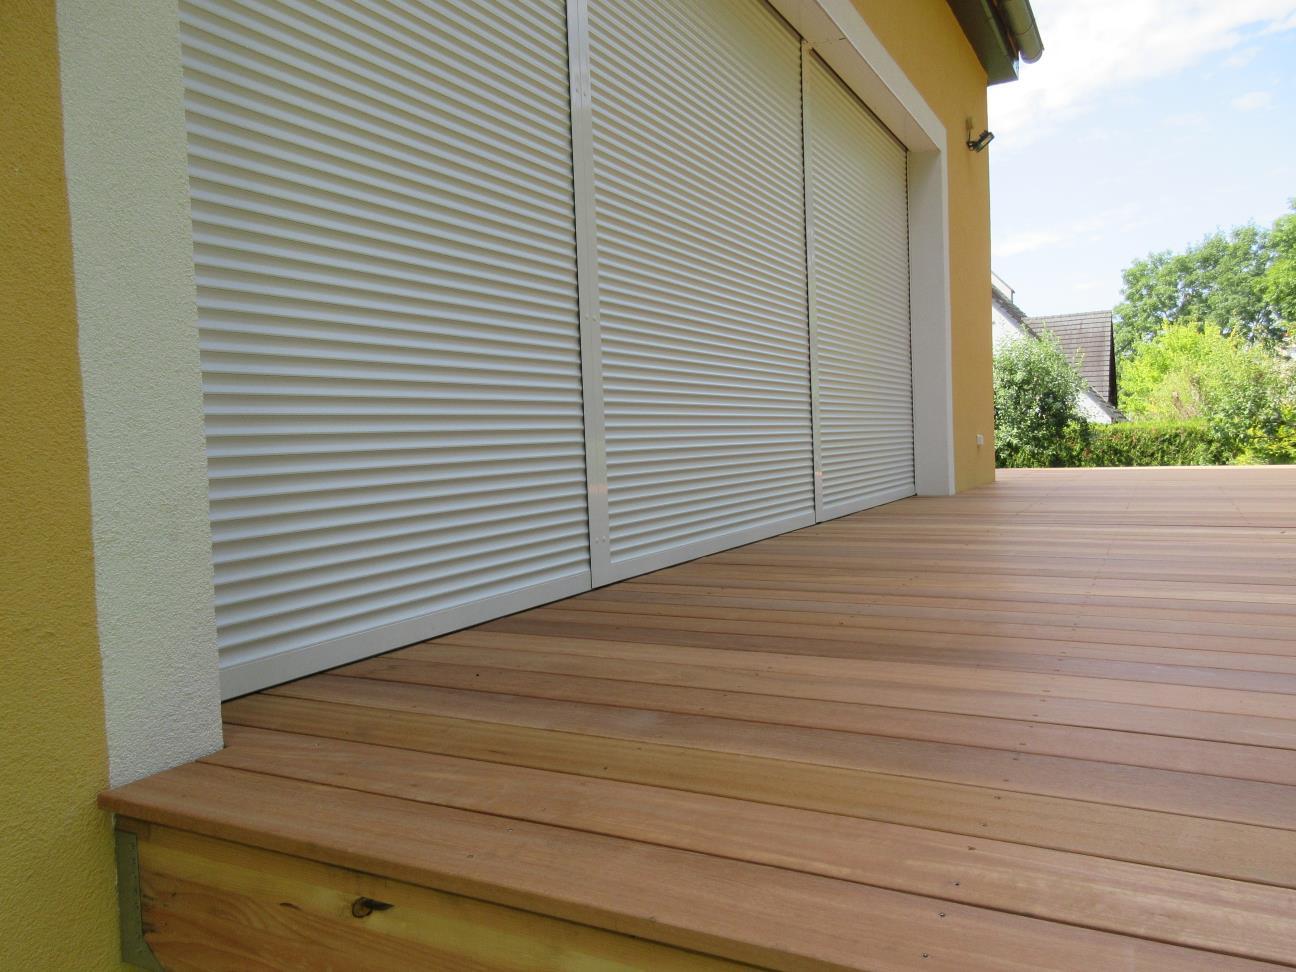 Détail d'intégration de la terrasse bois avec les volets roulants